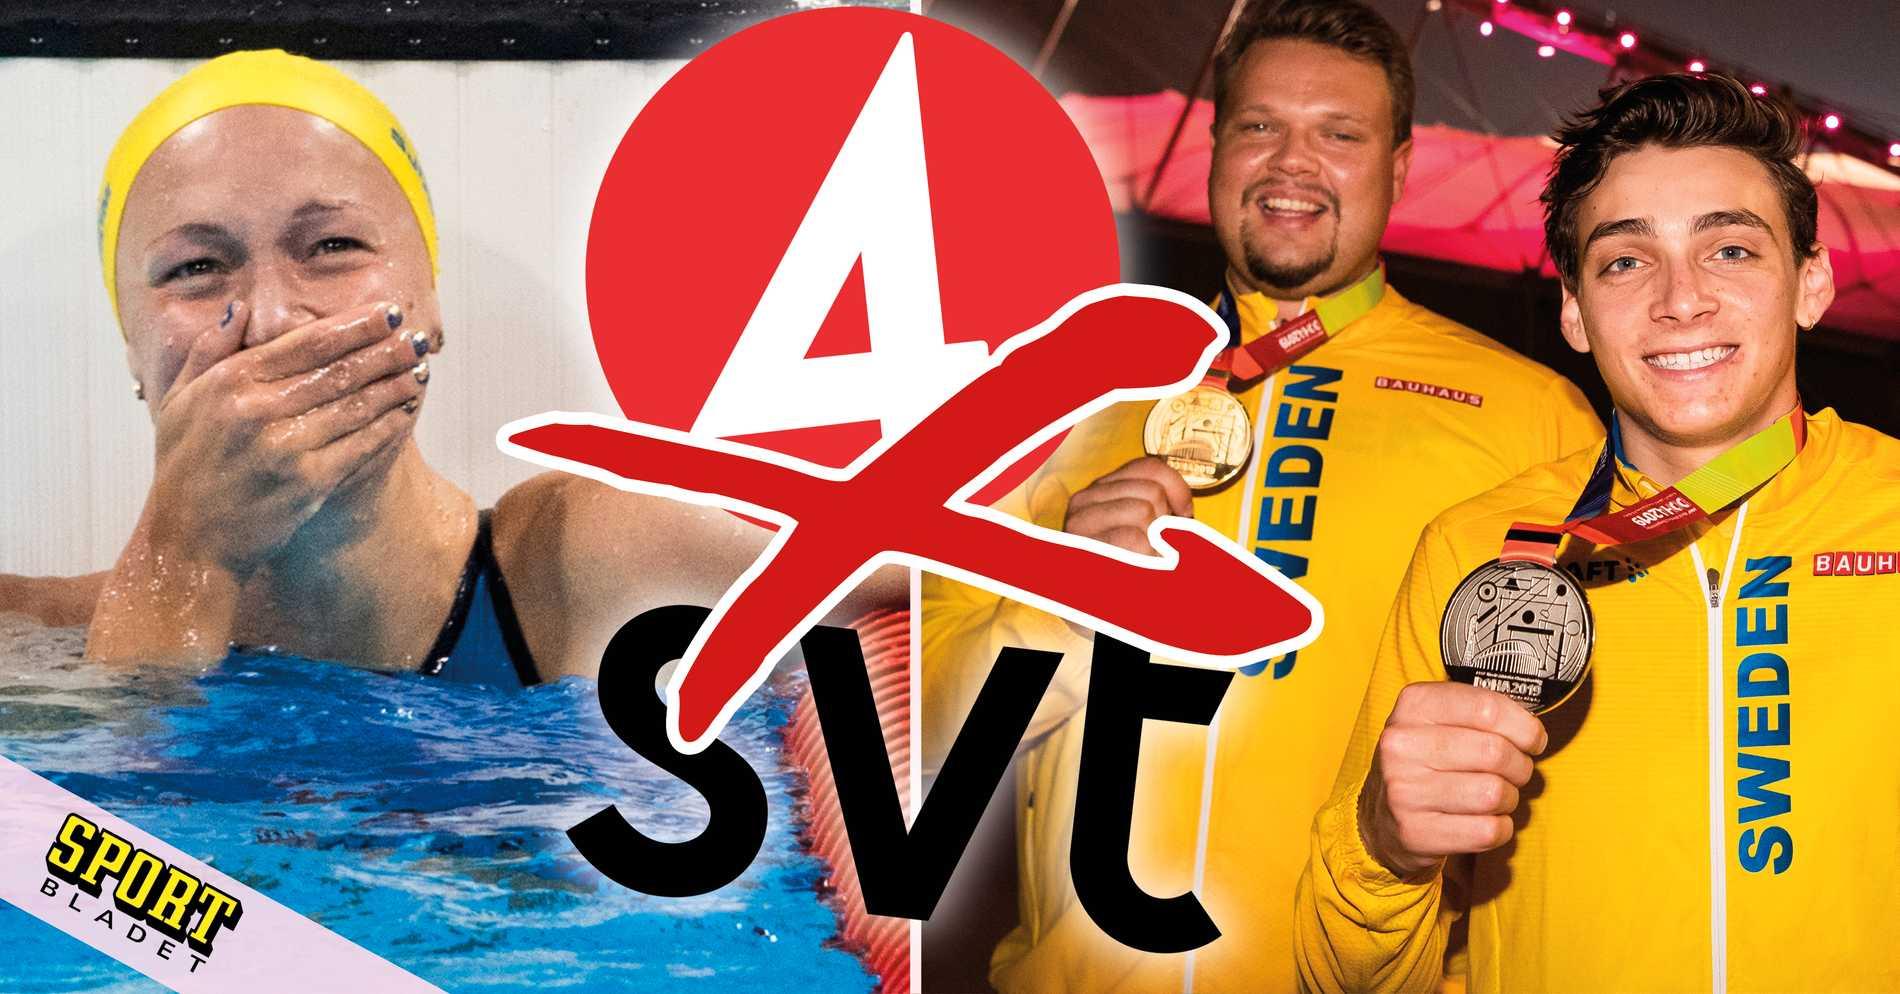 Avslöjar: SVT och TV4 stoppas från OS